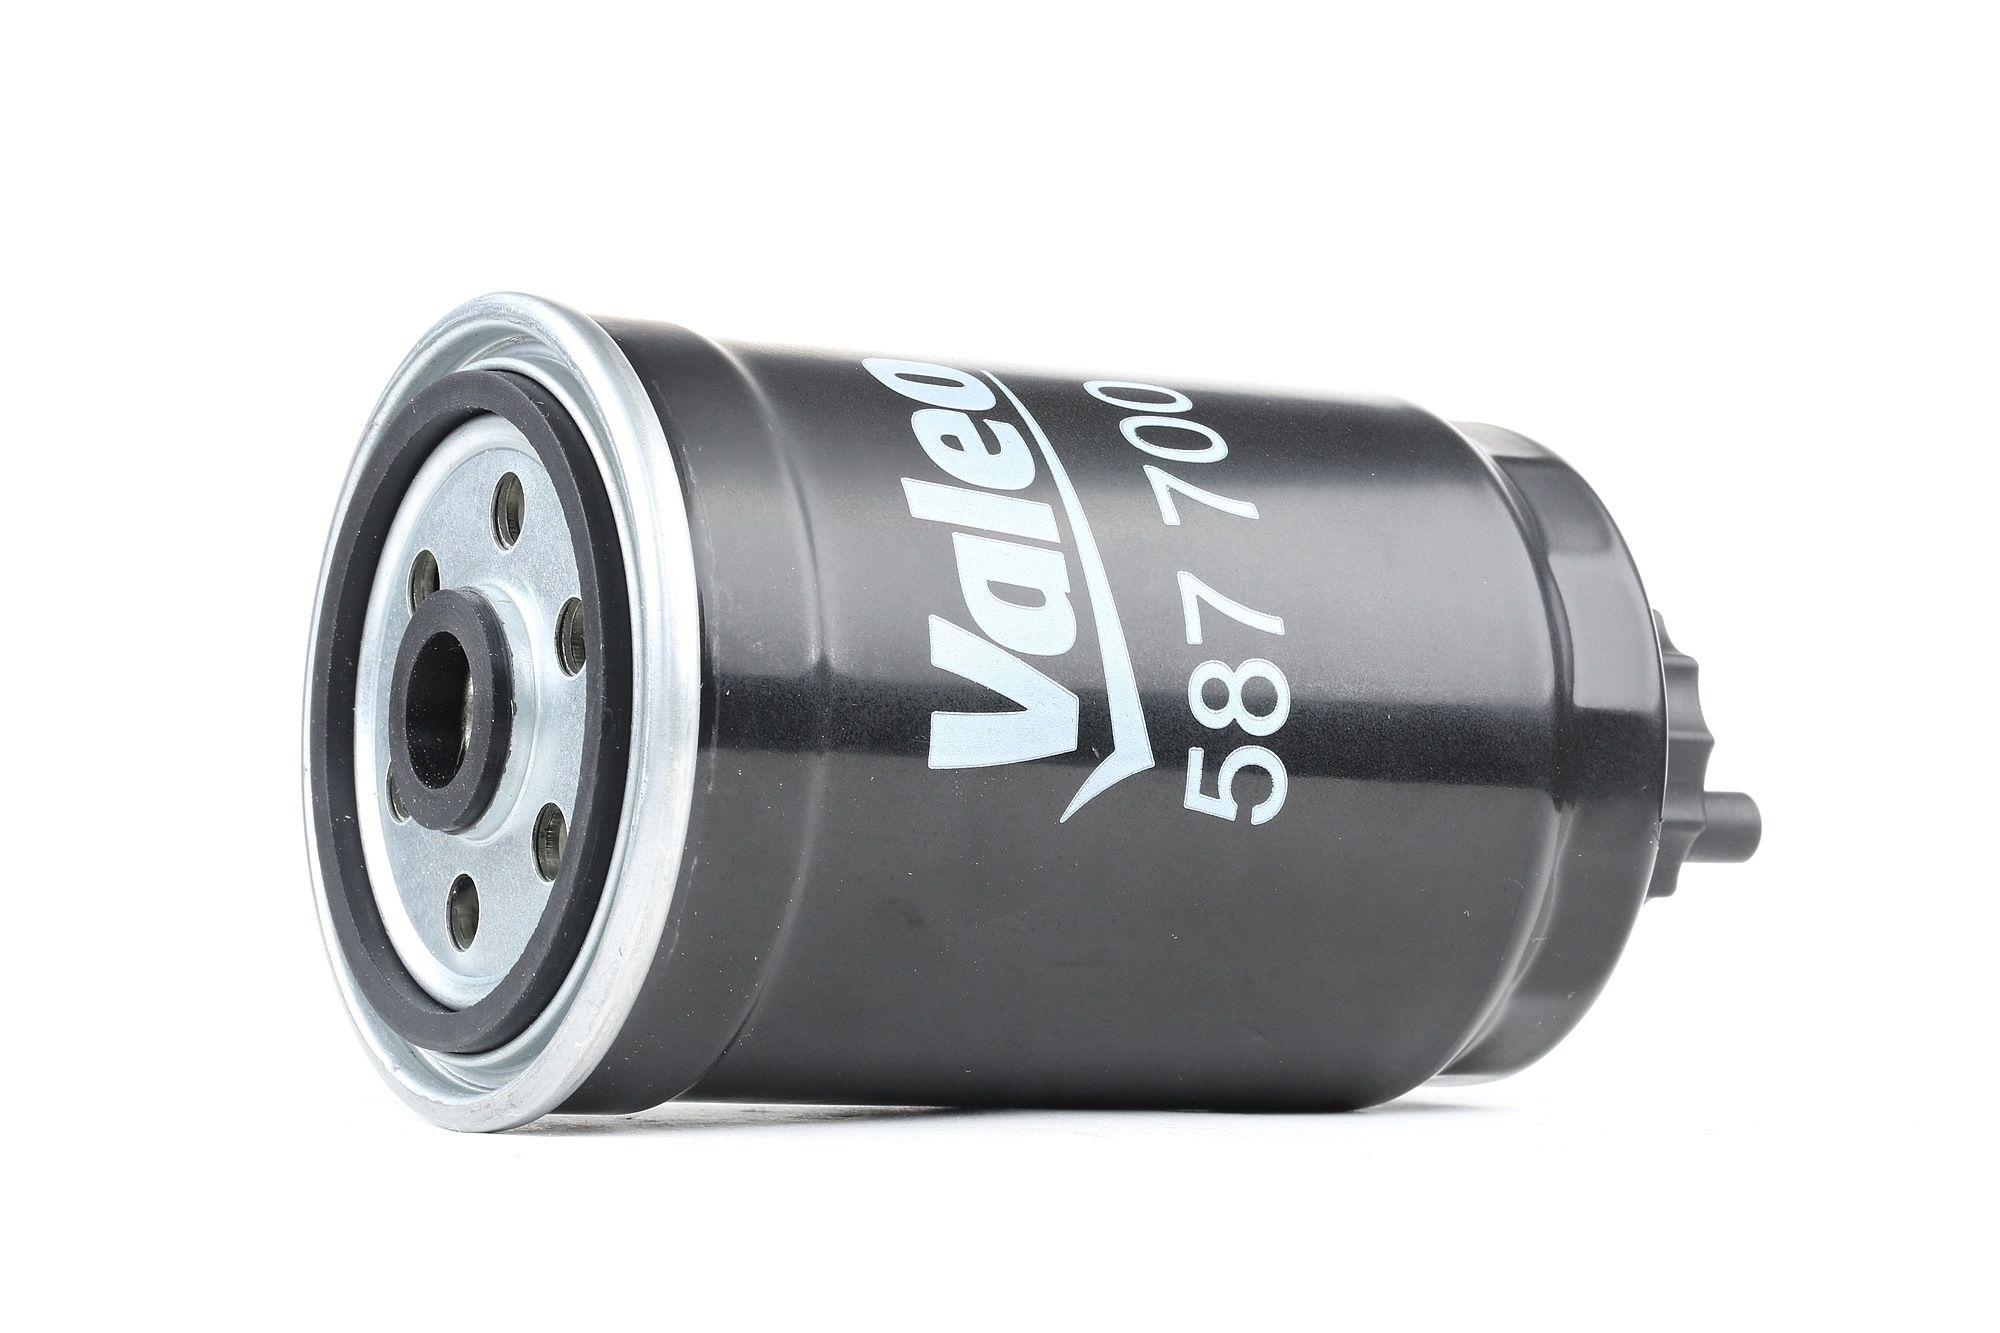 Systém prívodu paliva 587700 s vynikajúcim pomerom VALEO medzi cenou a kvalitou